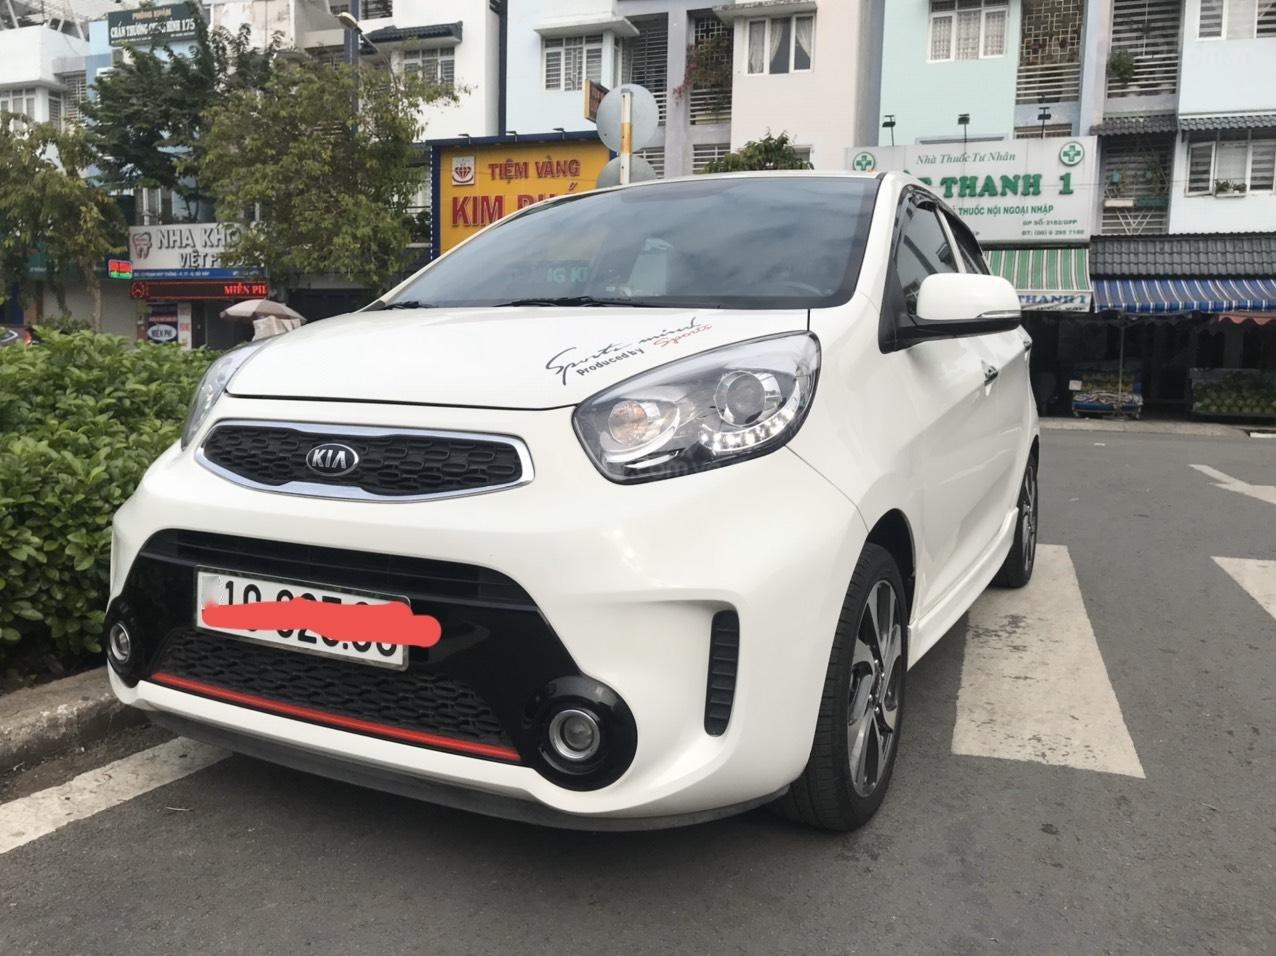 Bán ô tô Kia Morning Full options sản xuất 2018, màu trắng - Liên hệ Mr.Dương 0938811266 (1)